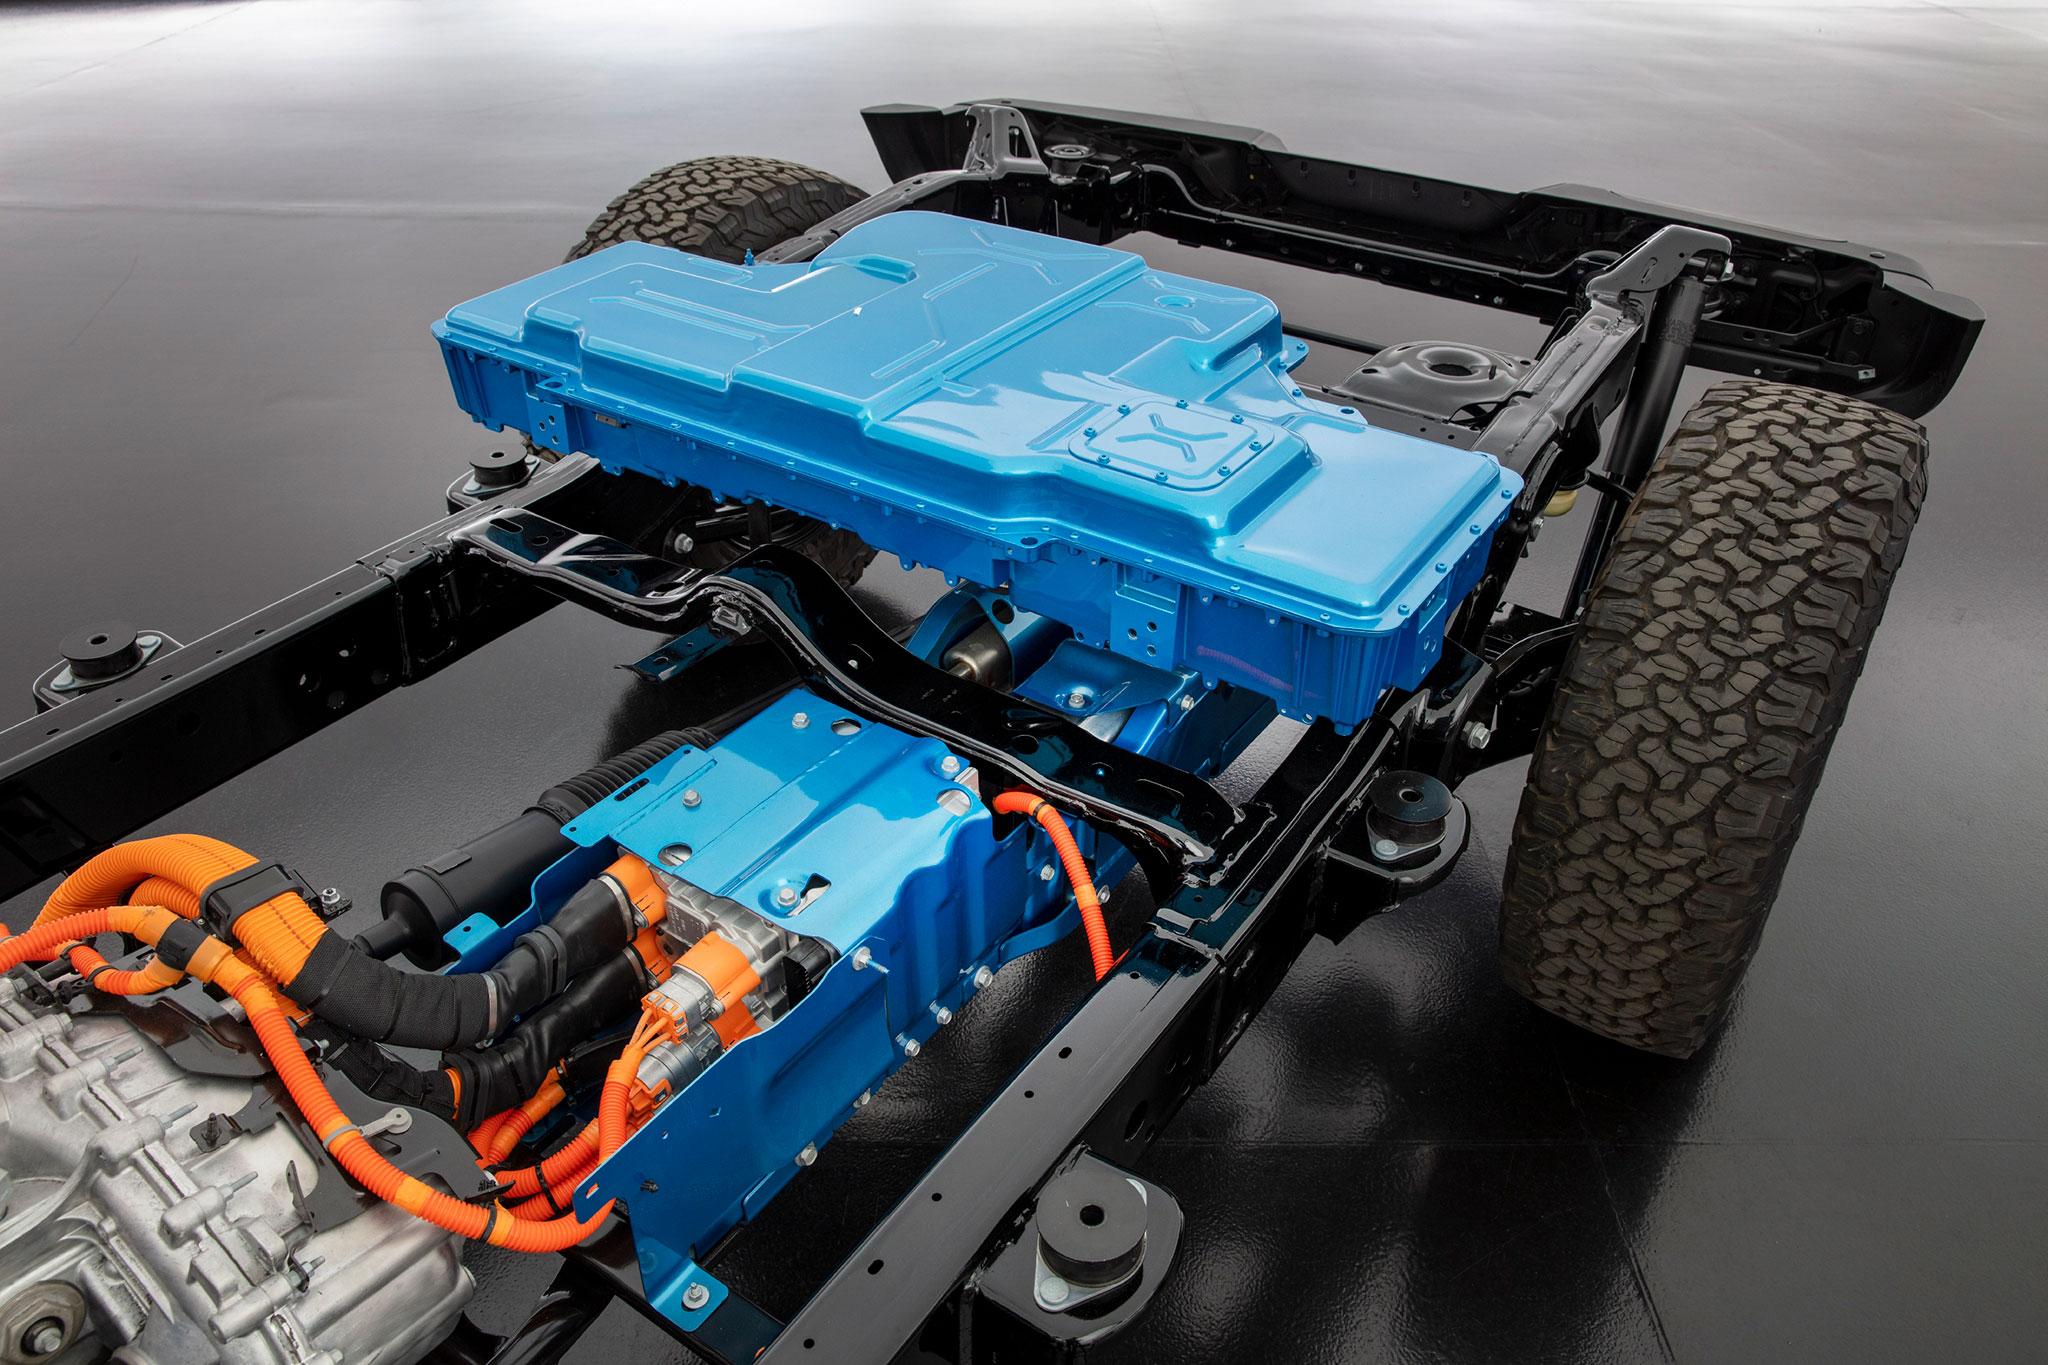 2021 Jeep Wrangler 4xe bloc de batterie de 400 V.